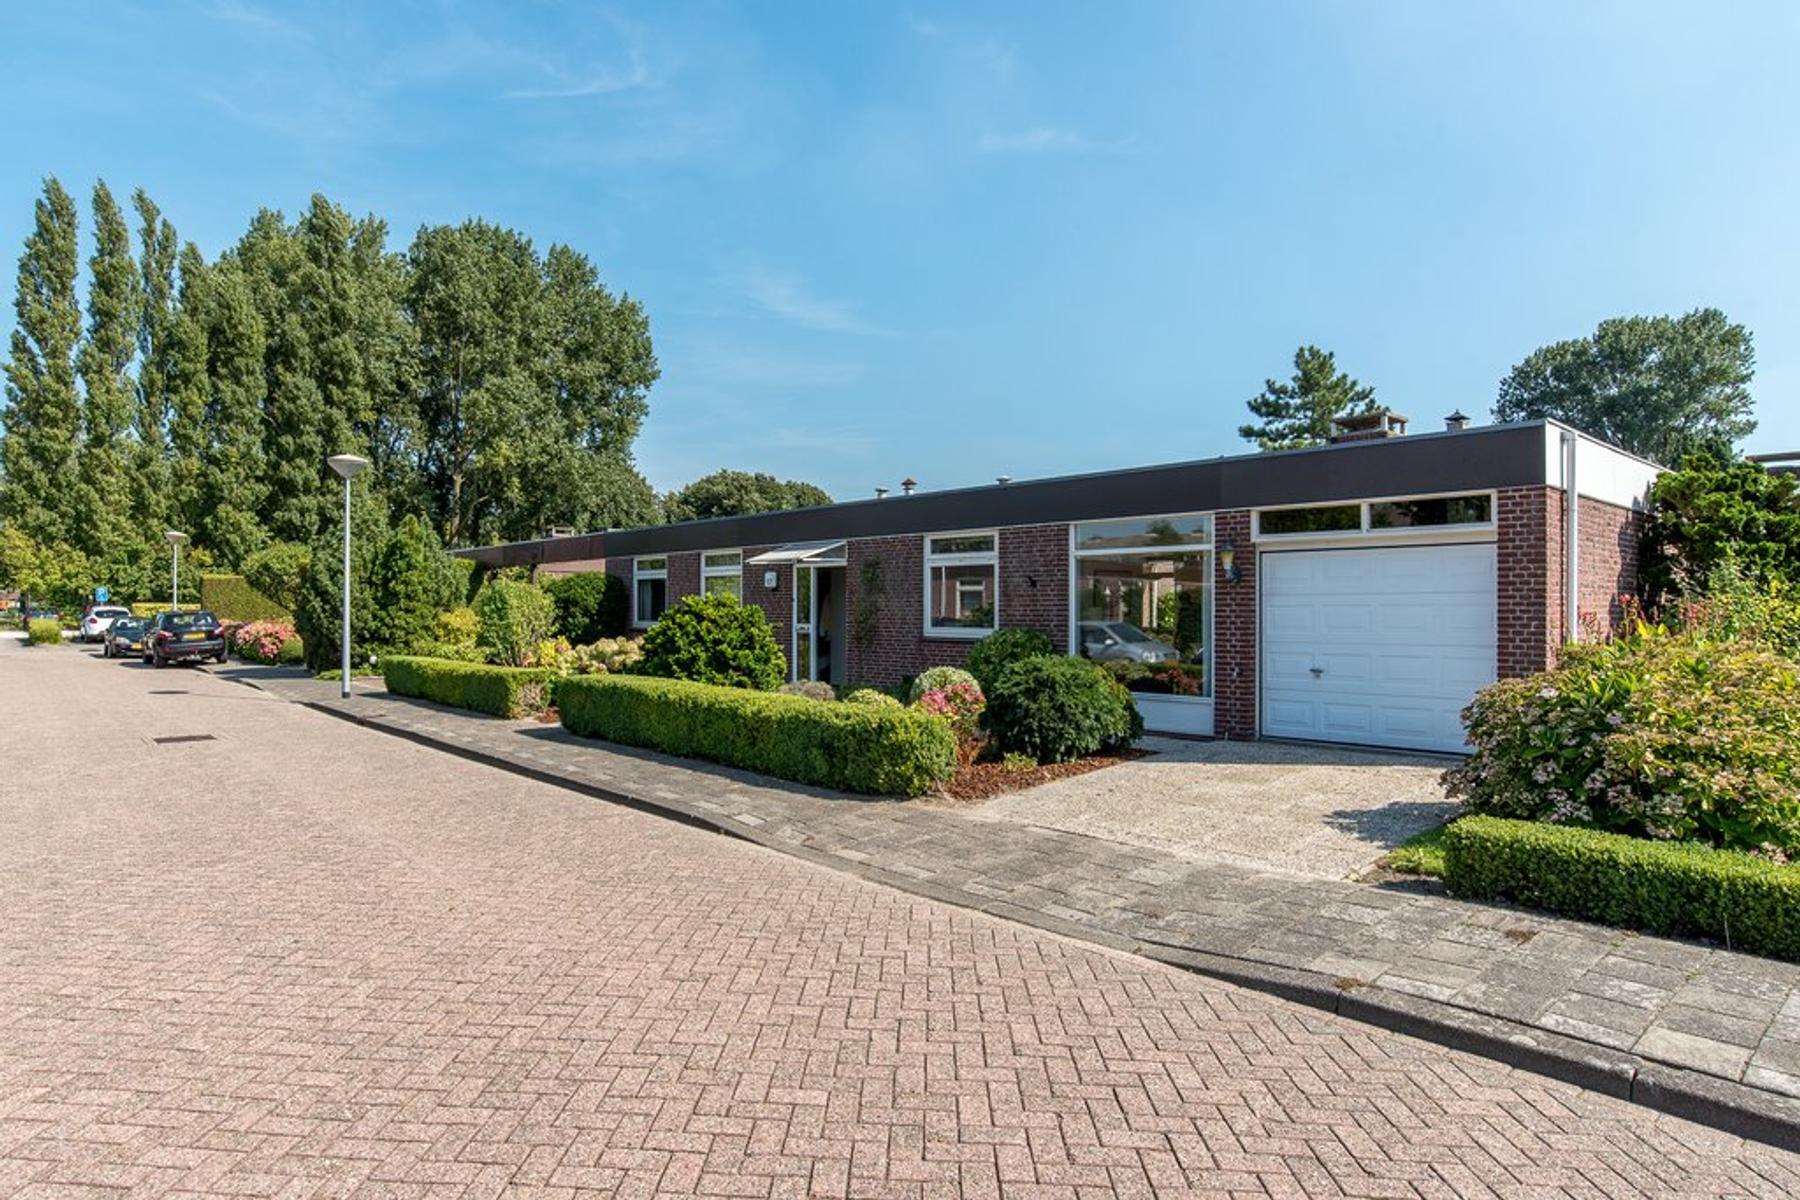 Garage Nieuw Vennep : Welgelegen 17 in nieuw vennep 2152 bh: woonhuis. wk makelaars